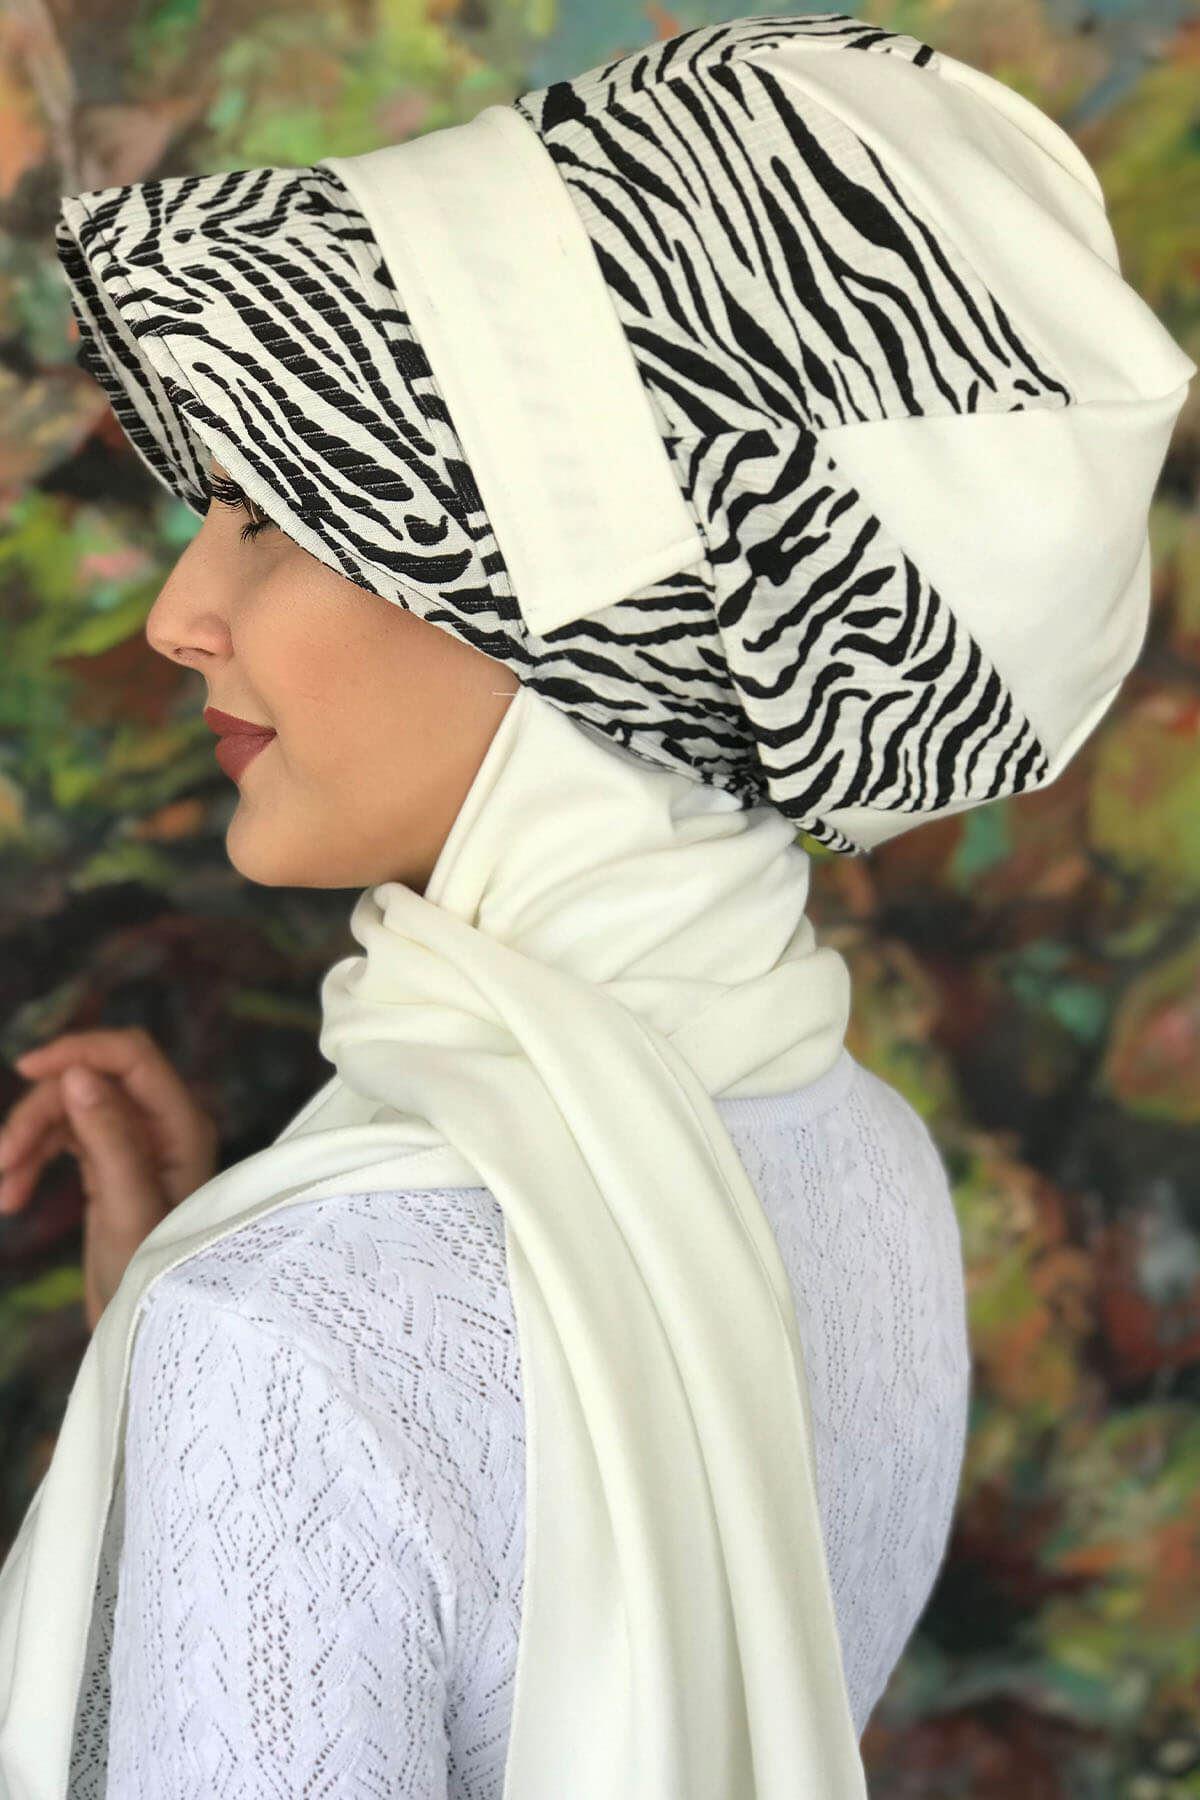 Bad-ı Saba Siyah Beyaz Zebra Çarkıfelek Tokalı Beyaz Atkılı Şapka